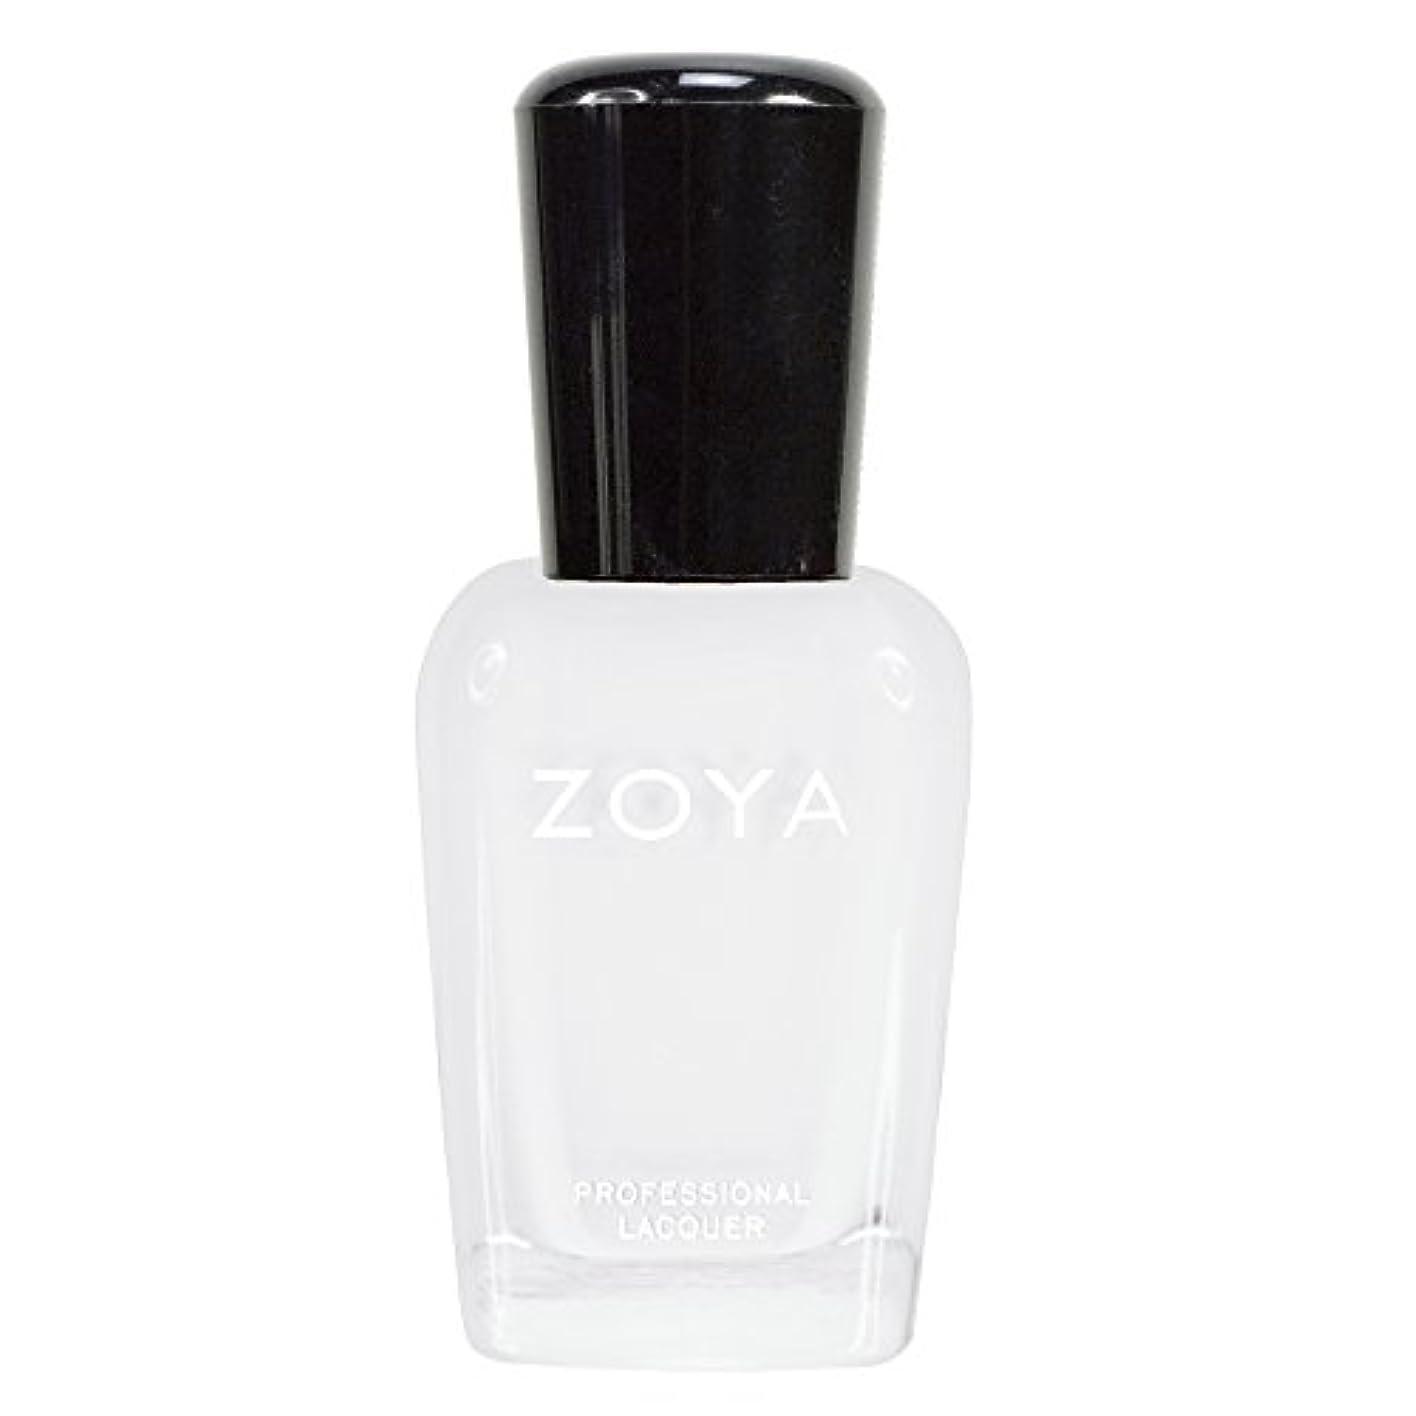 印をつける鮮やかなつらいZOYA ゾーヤ ネイルカラーZP388 PURITY ピュリティ  15ml ホワイト マット 爪にやさしいネイルラッカーマニキュア